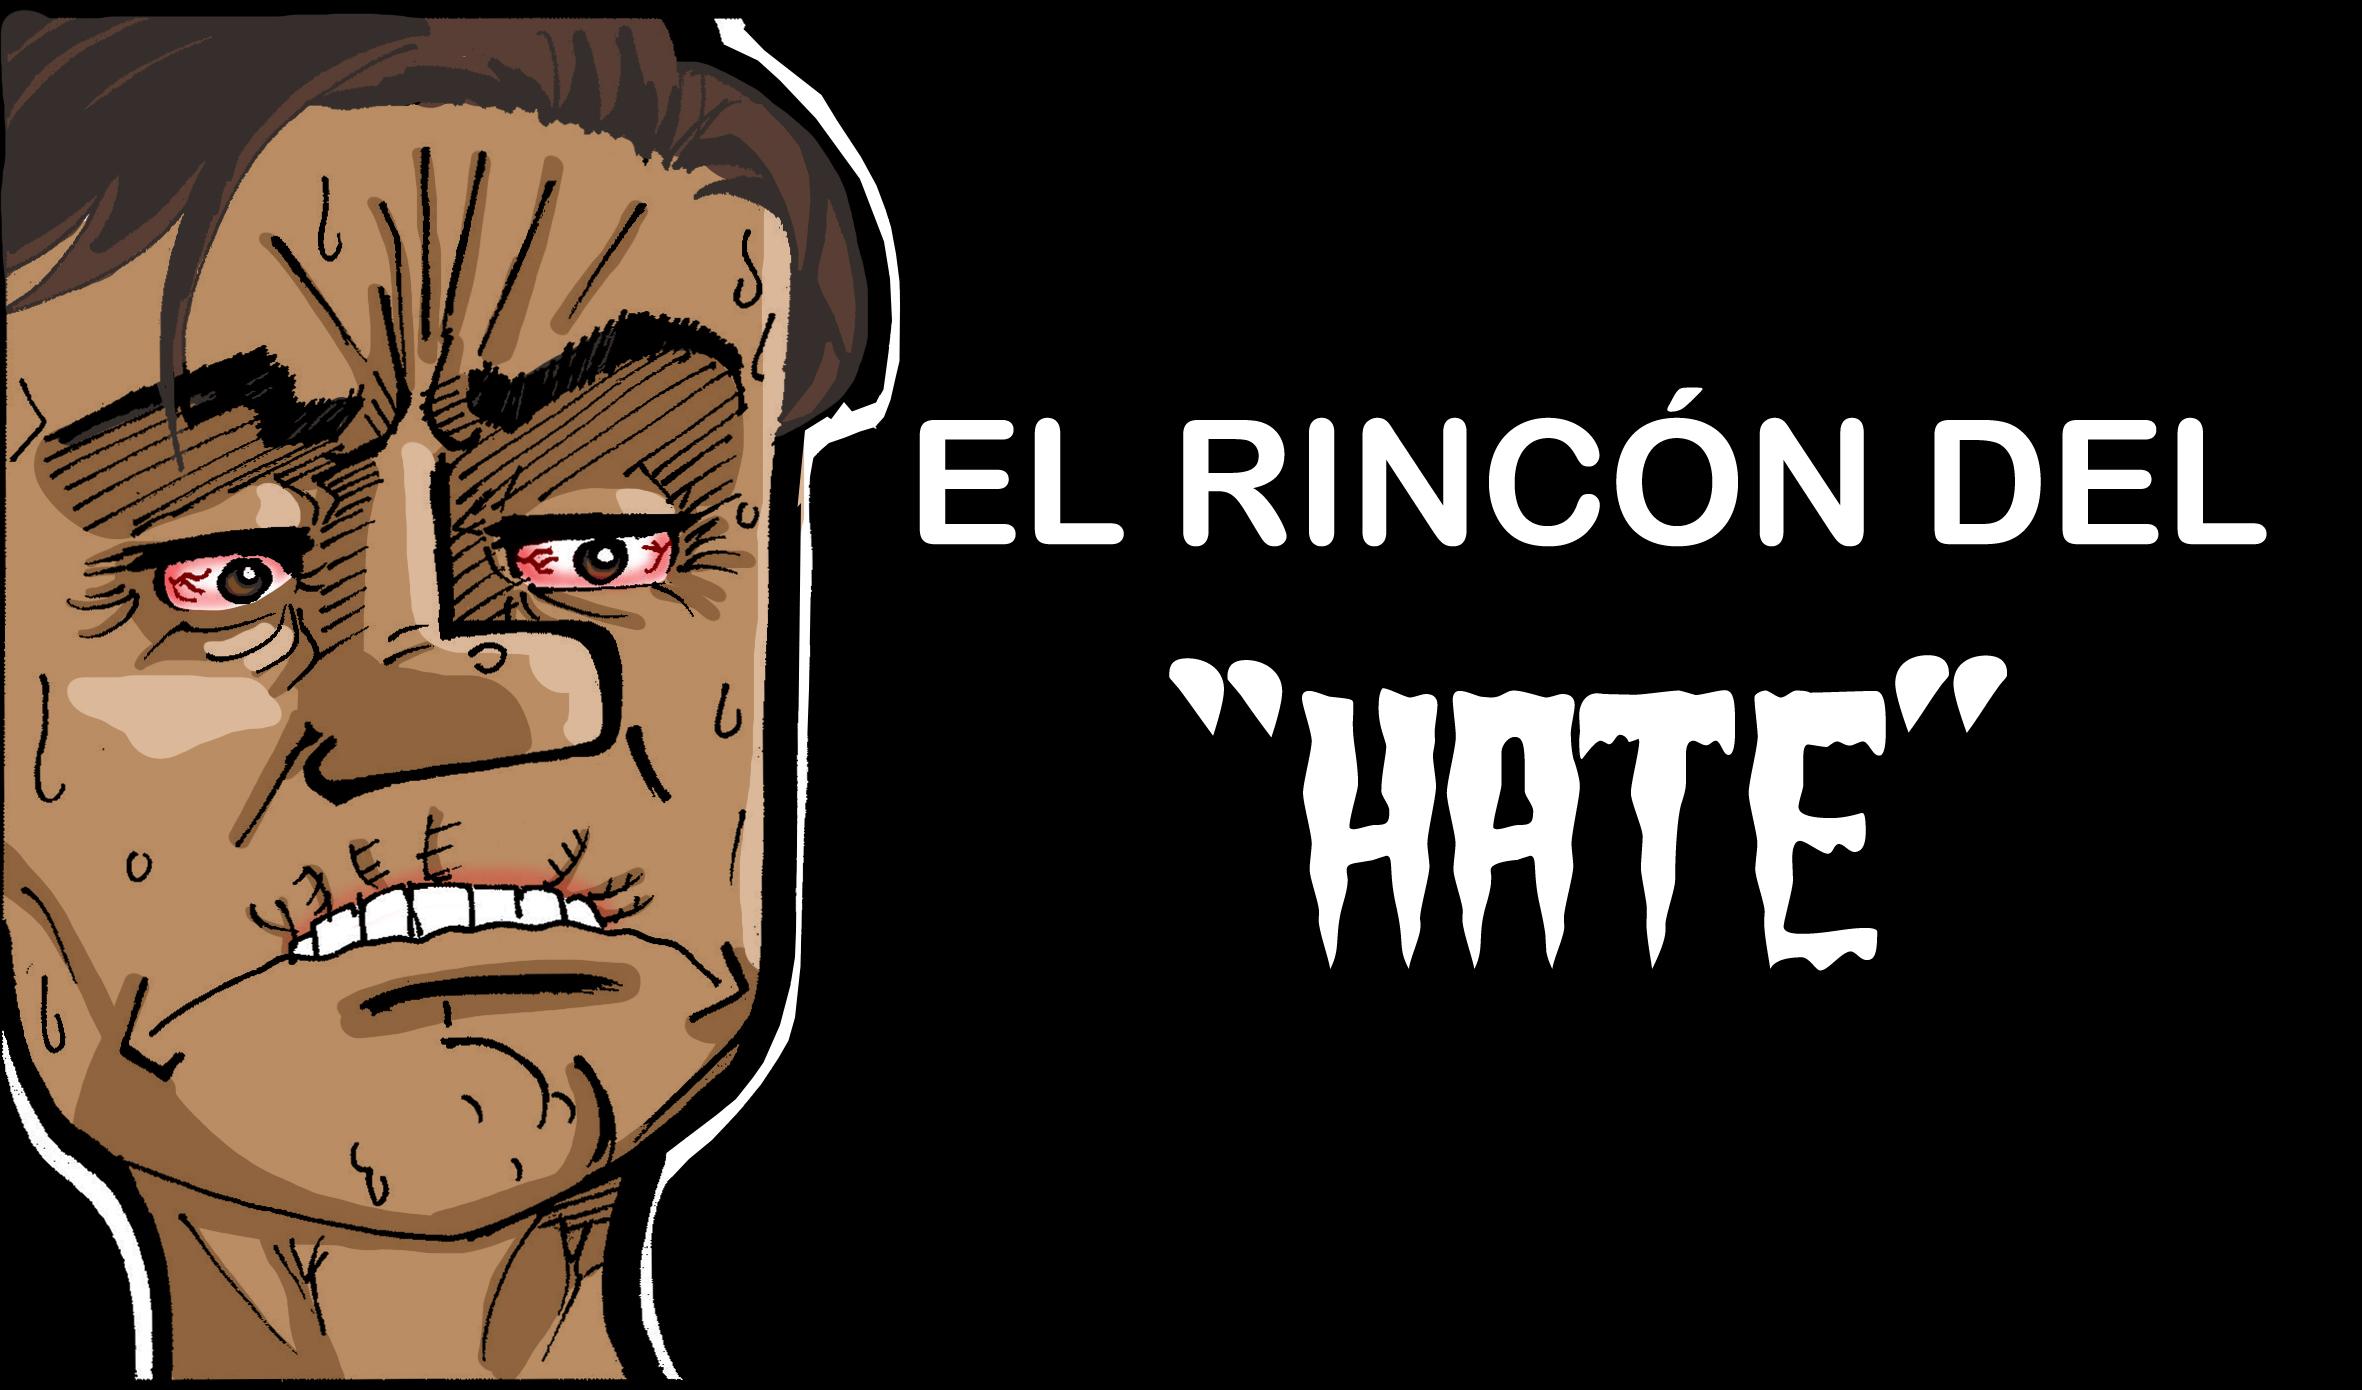 Rincón del Odio